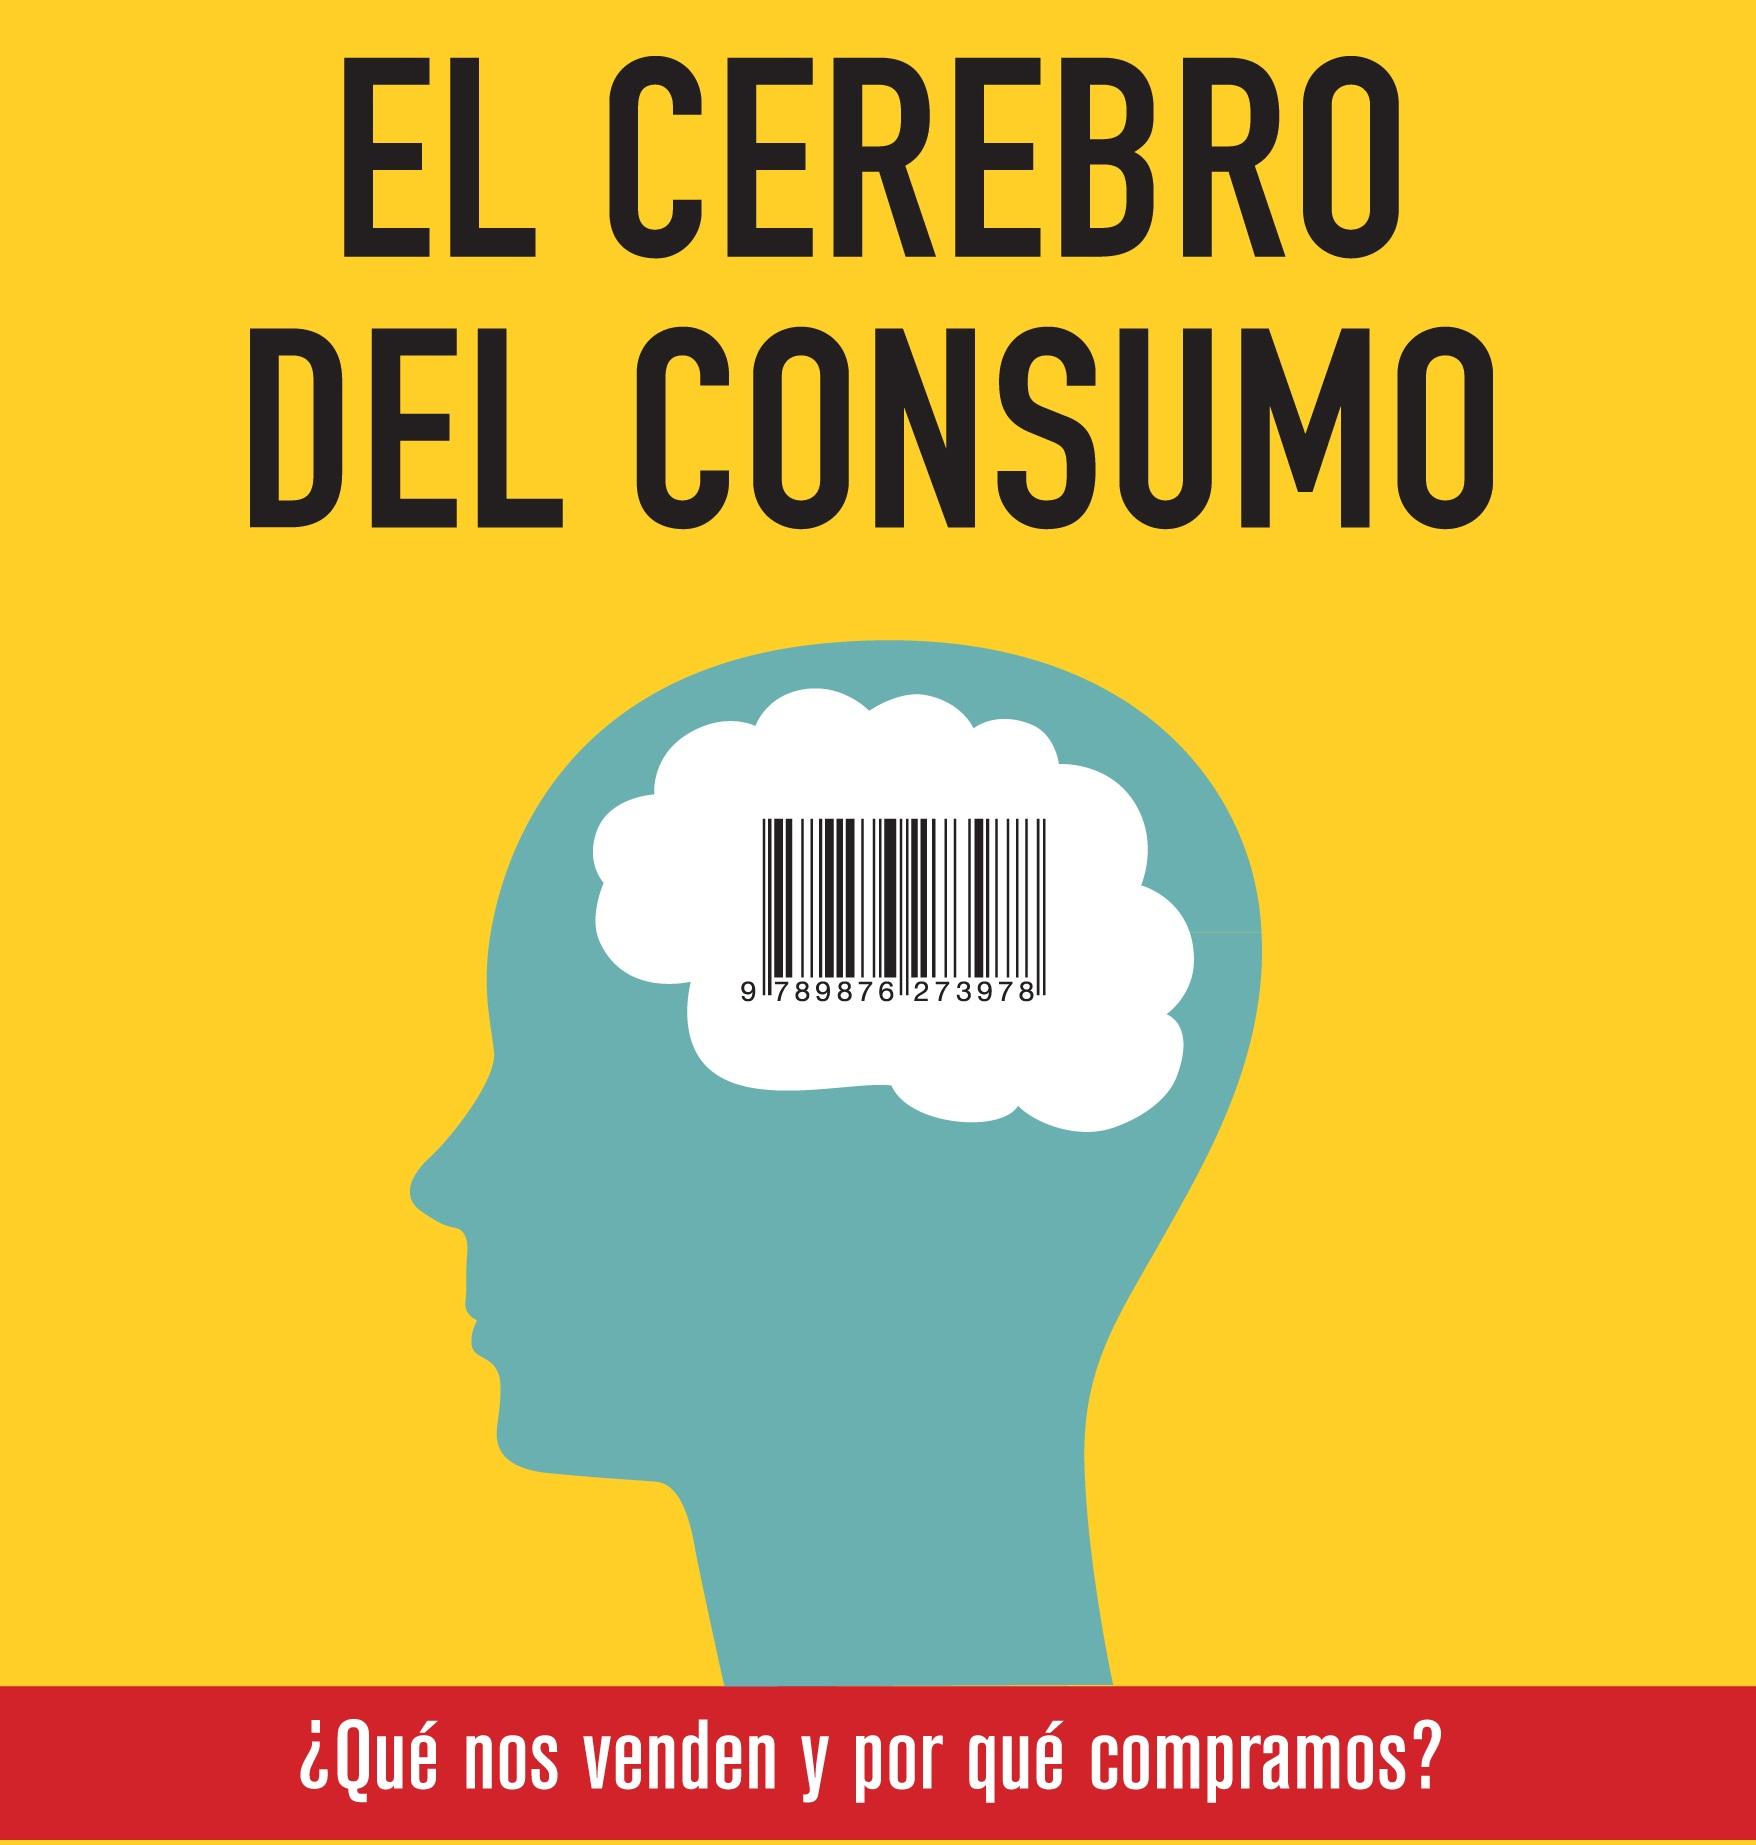 fros consumo